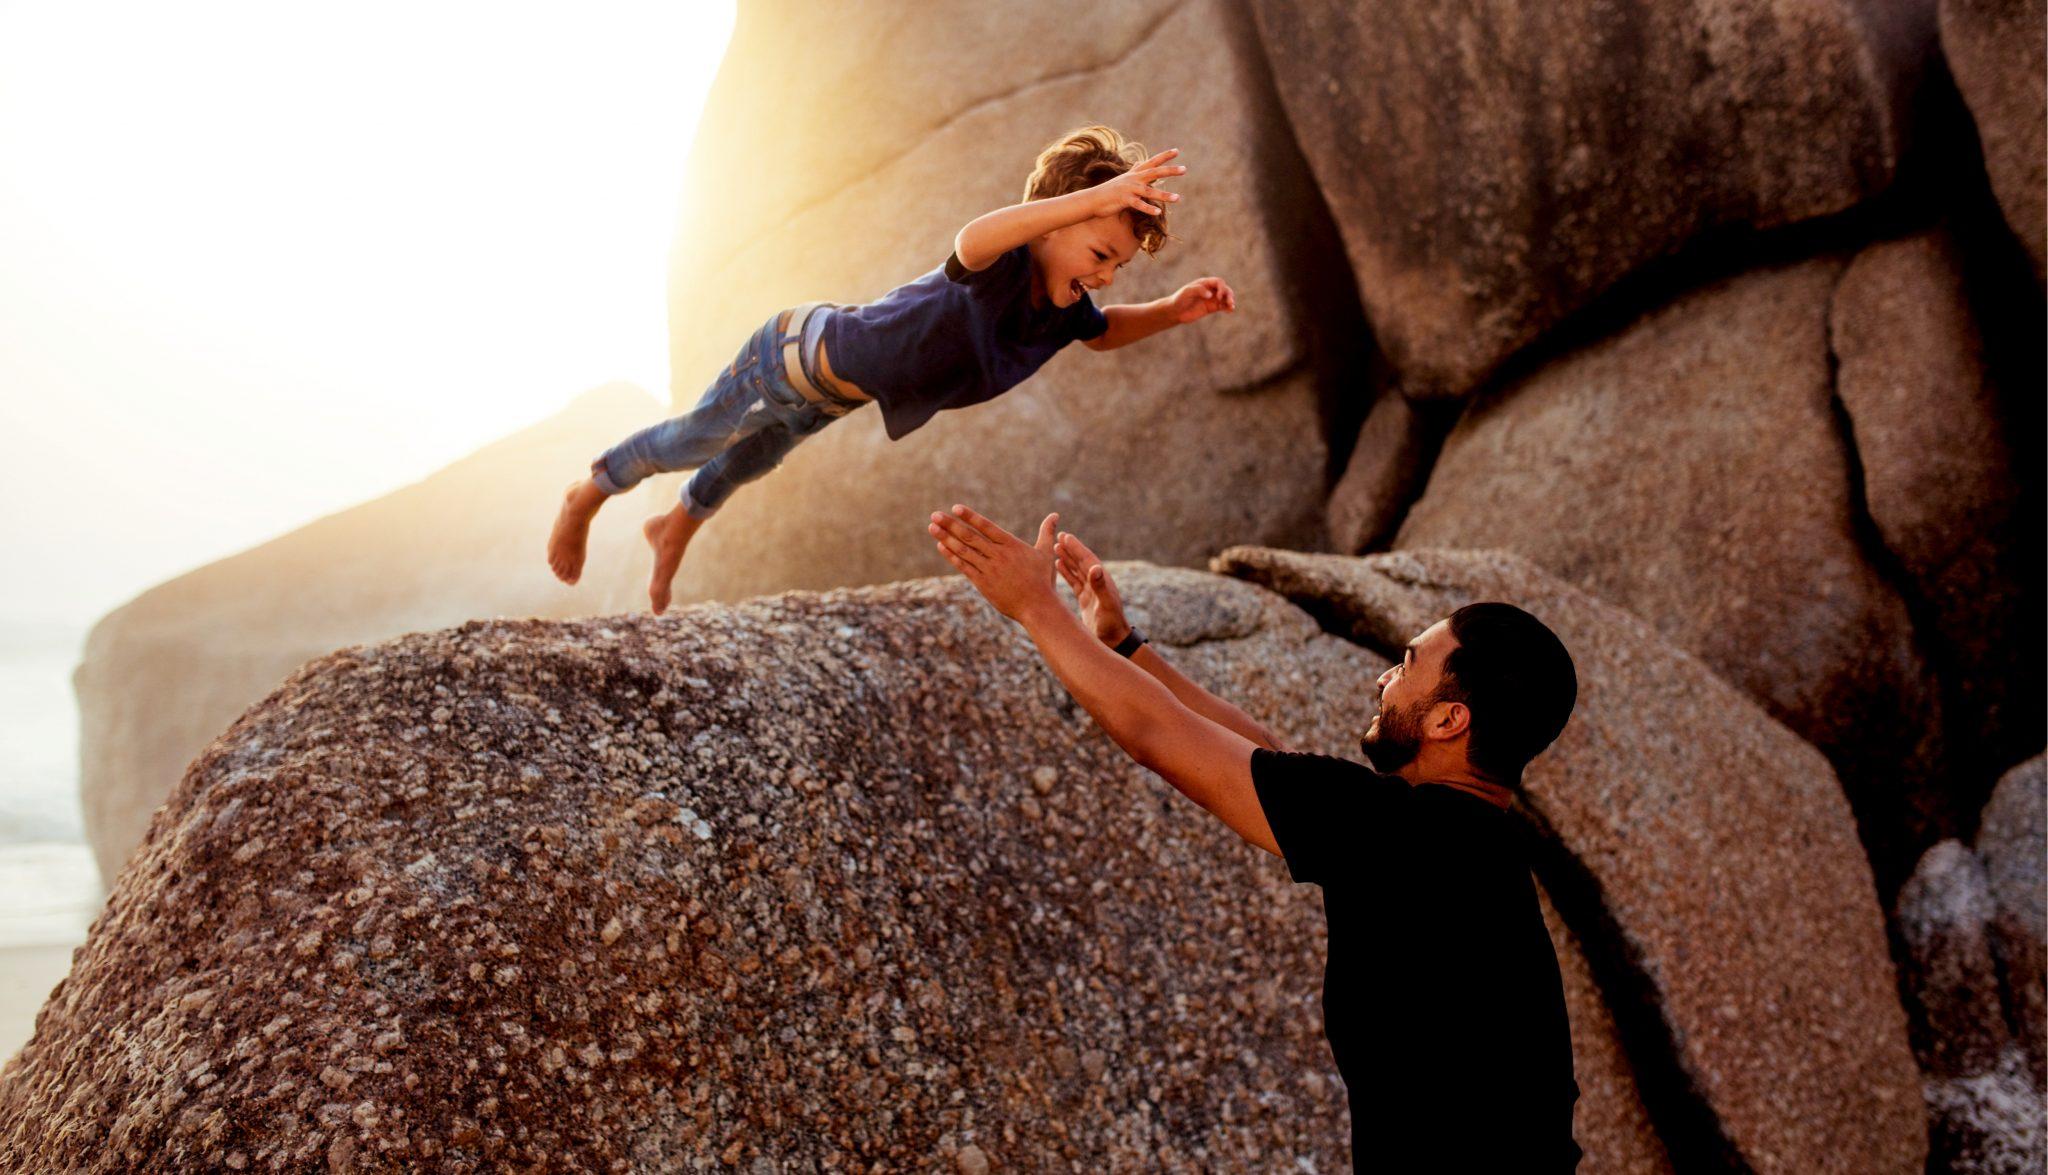 息子が岩からジャンプしているのをパパがキャッチしようとしている